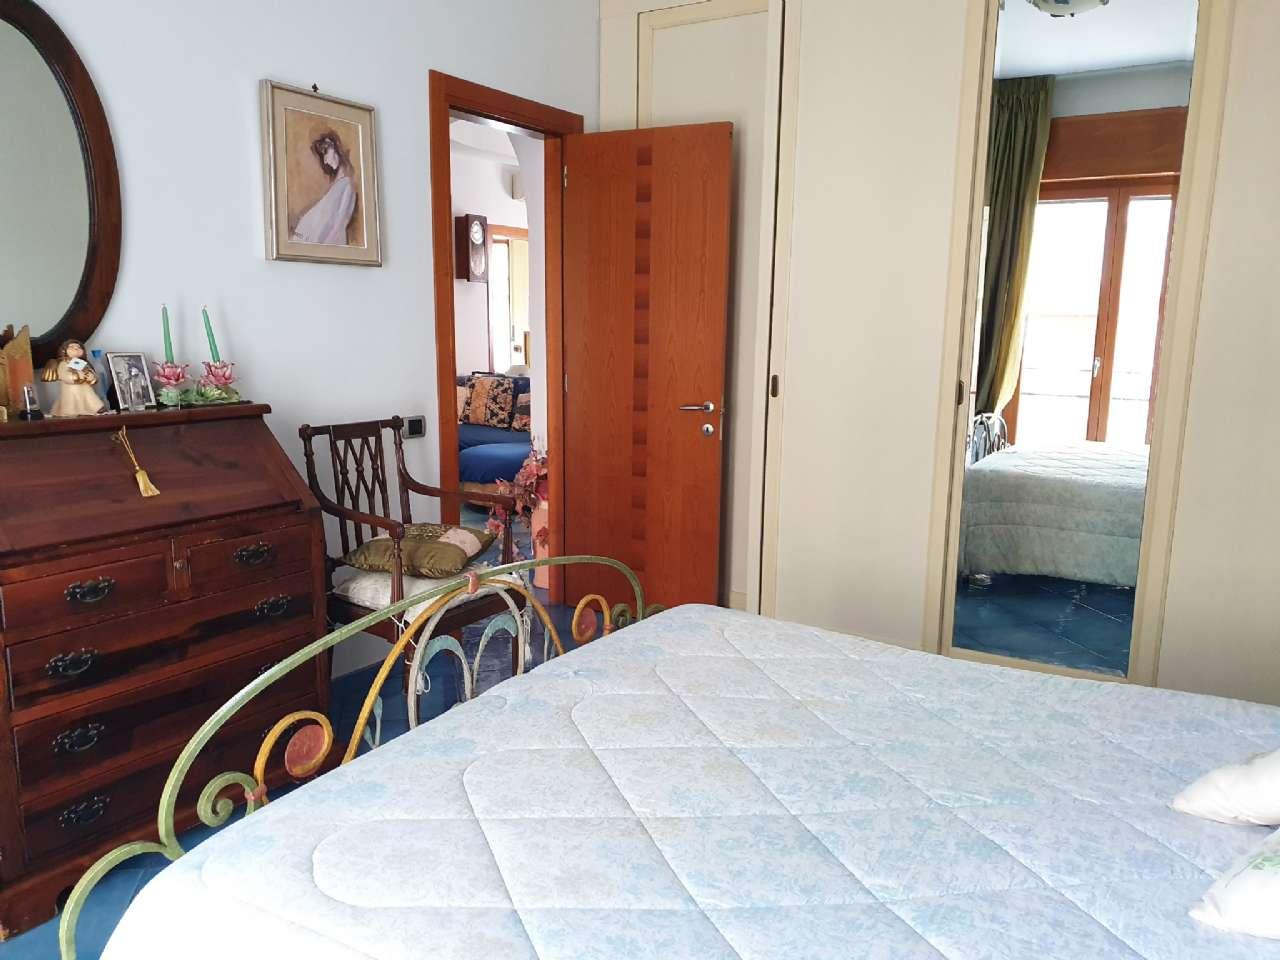 Salita Principi - Quadrilocale ristrutturato, Napoli, foto 5